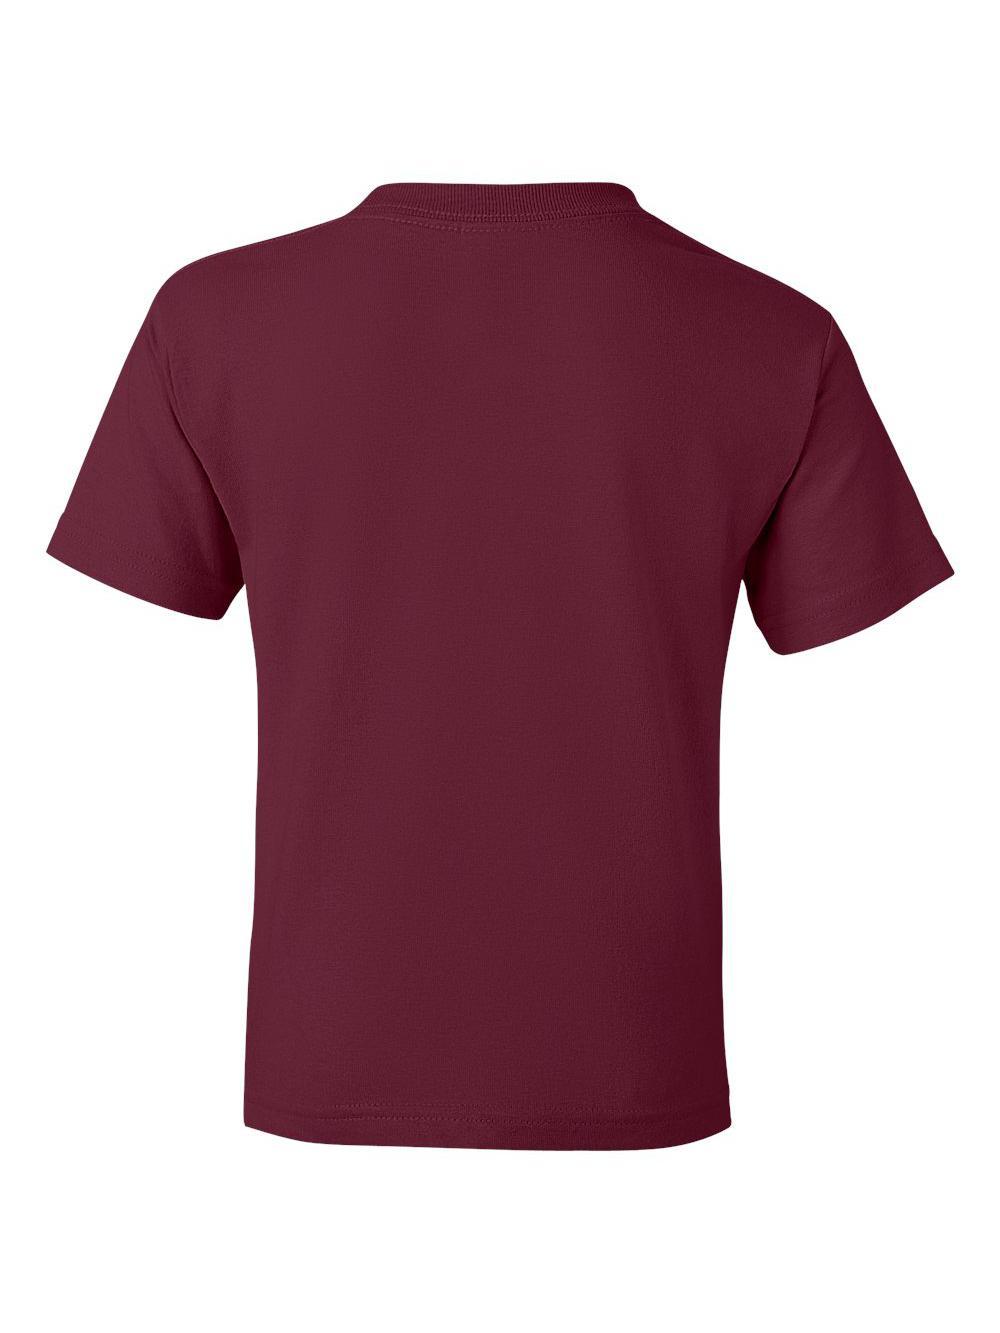 Gildan-DryBlend-Youth-50-50-T-Shirt-8000B thumbnail 64